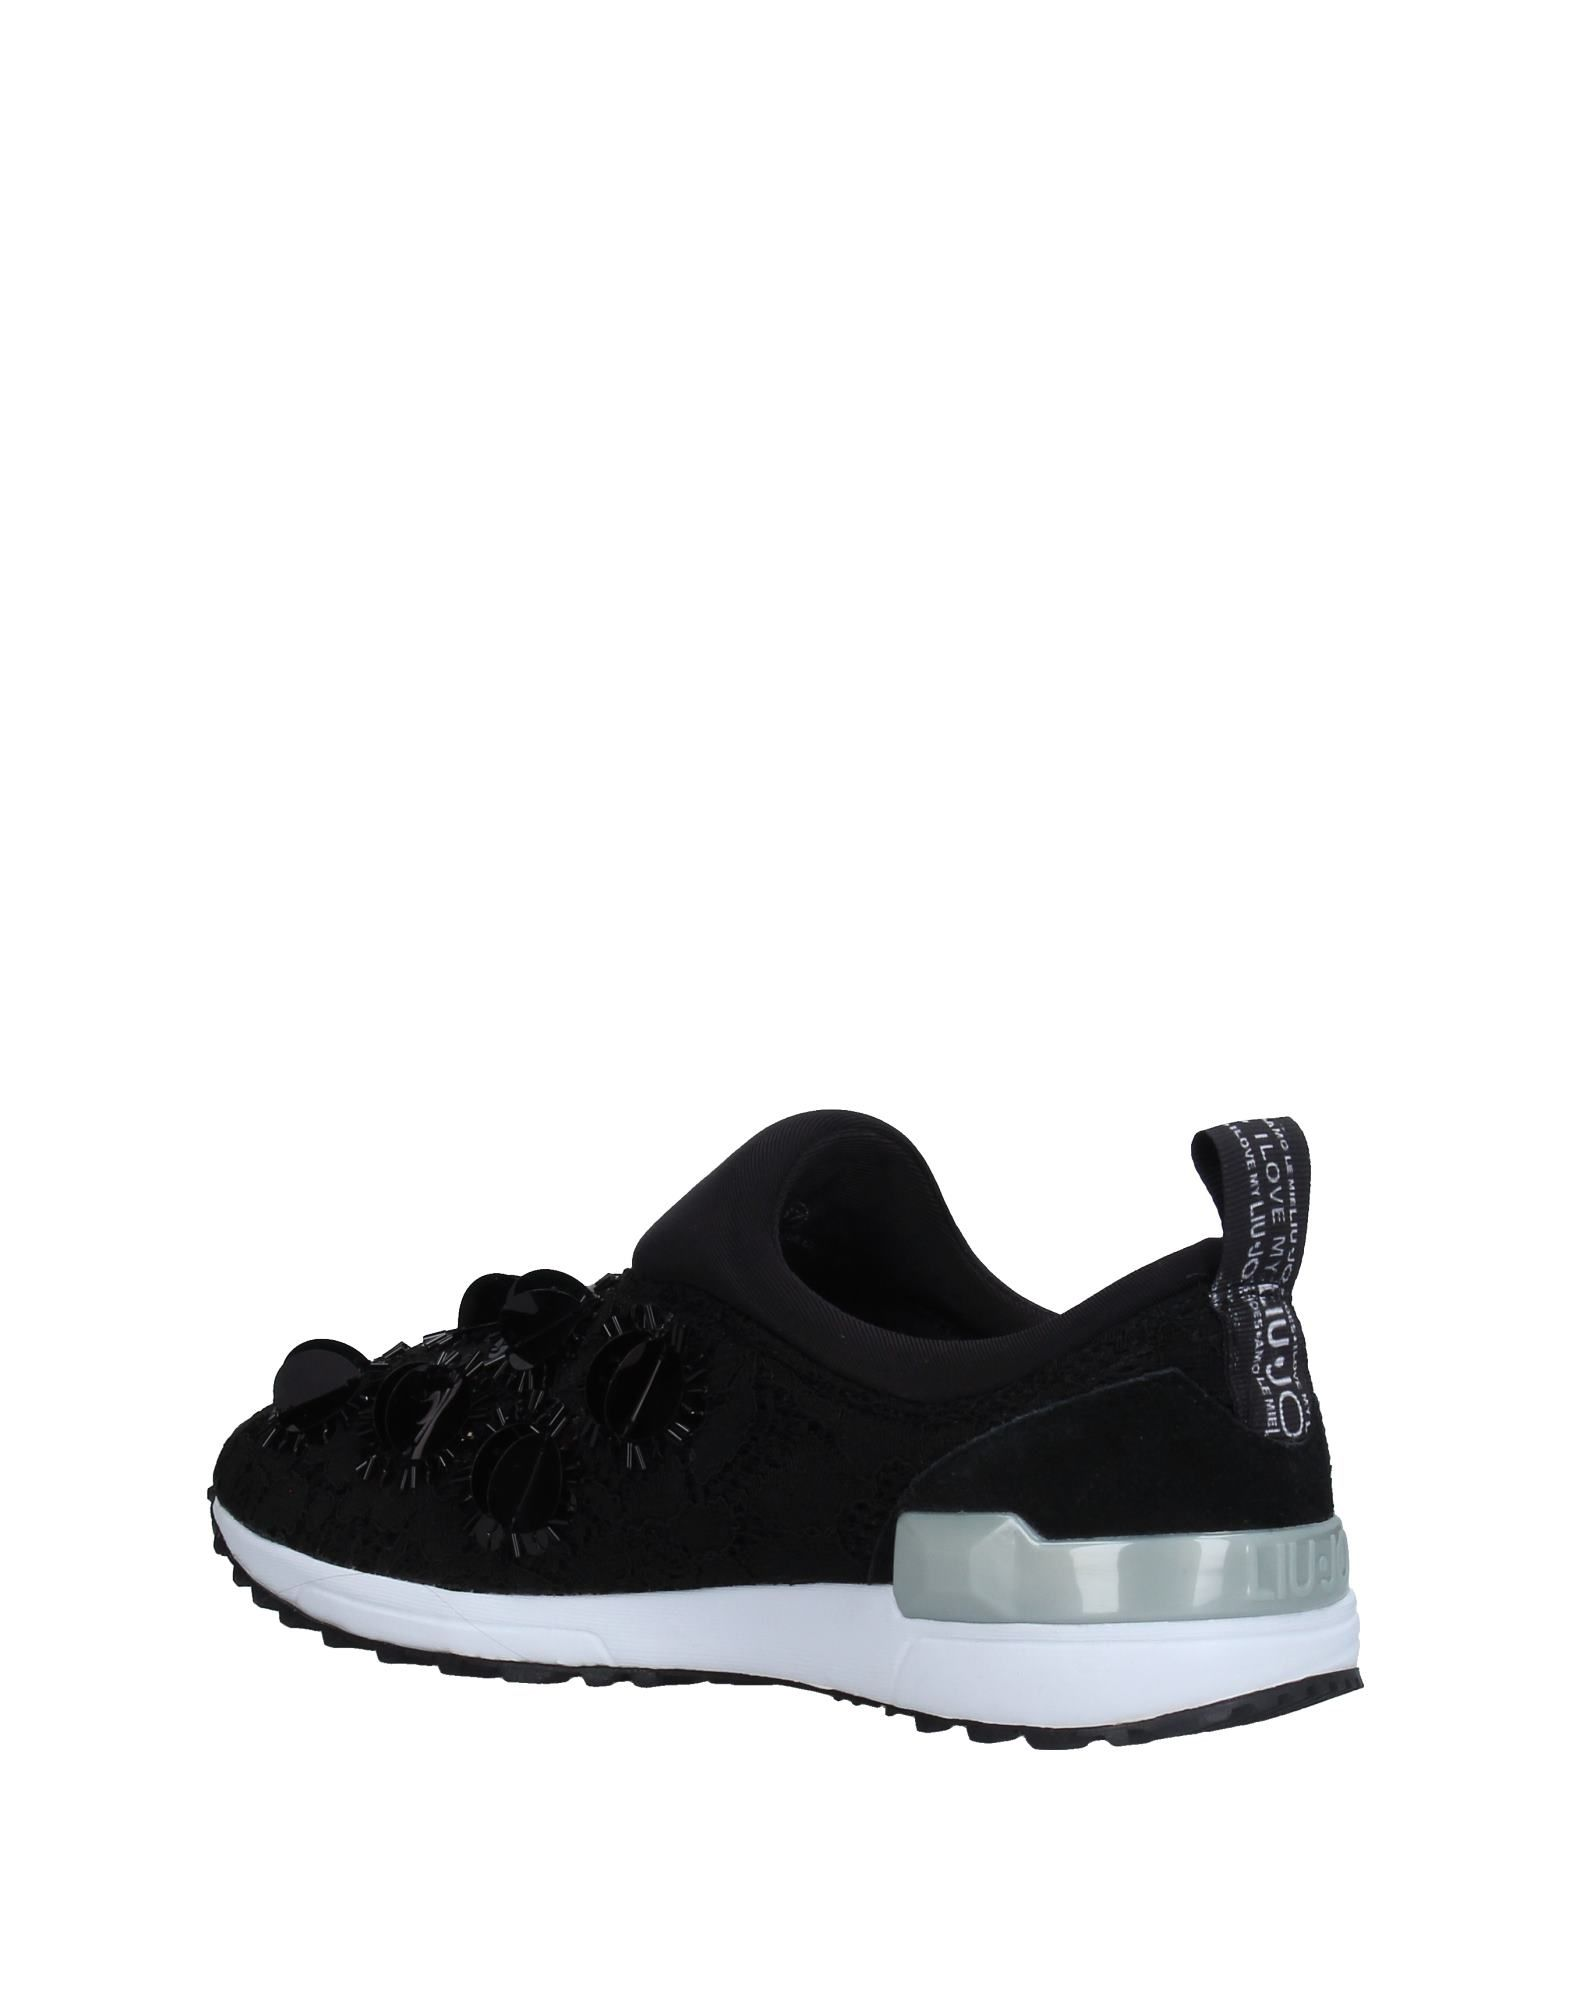 Liu •Jo Shoes  Sneakers Damen  11258171HS  Shoes f35e9b